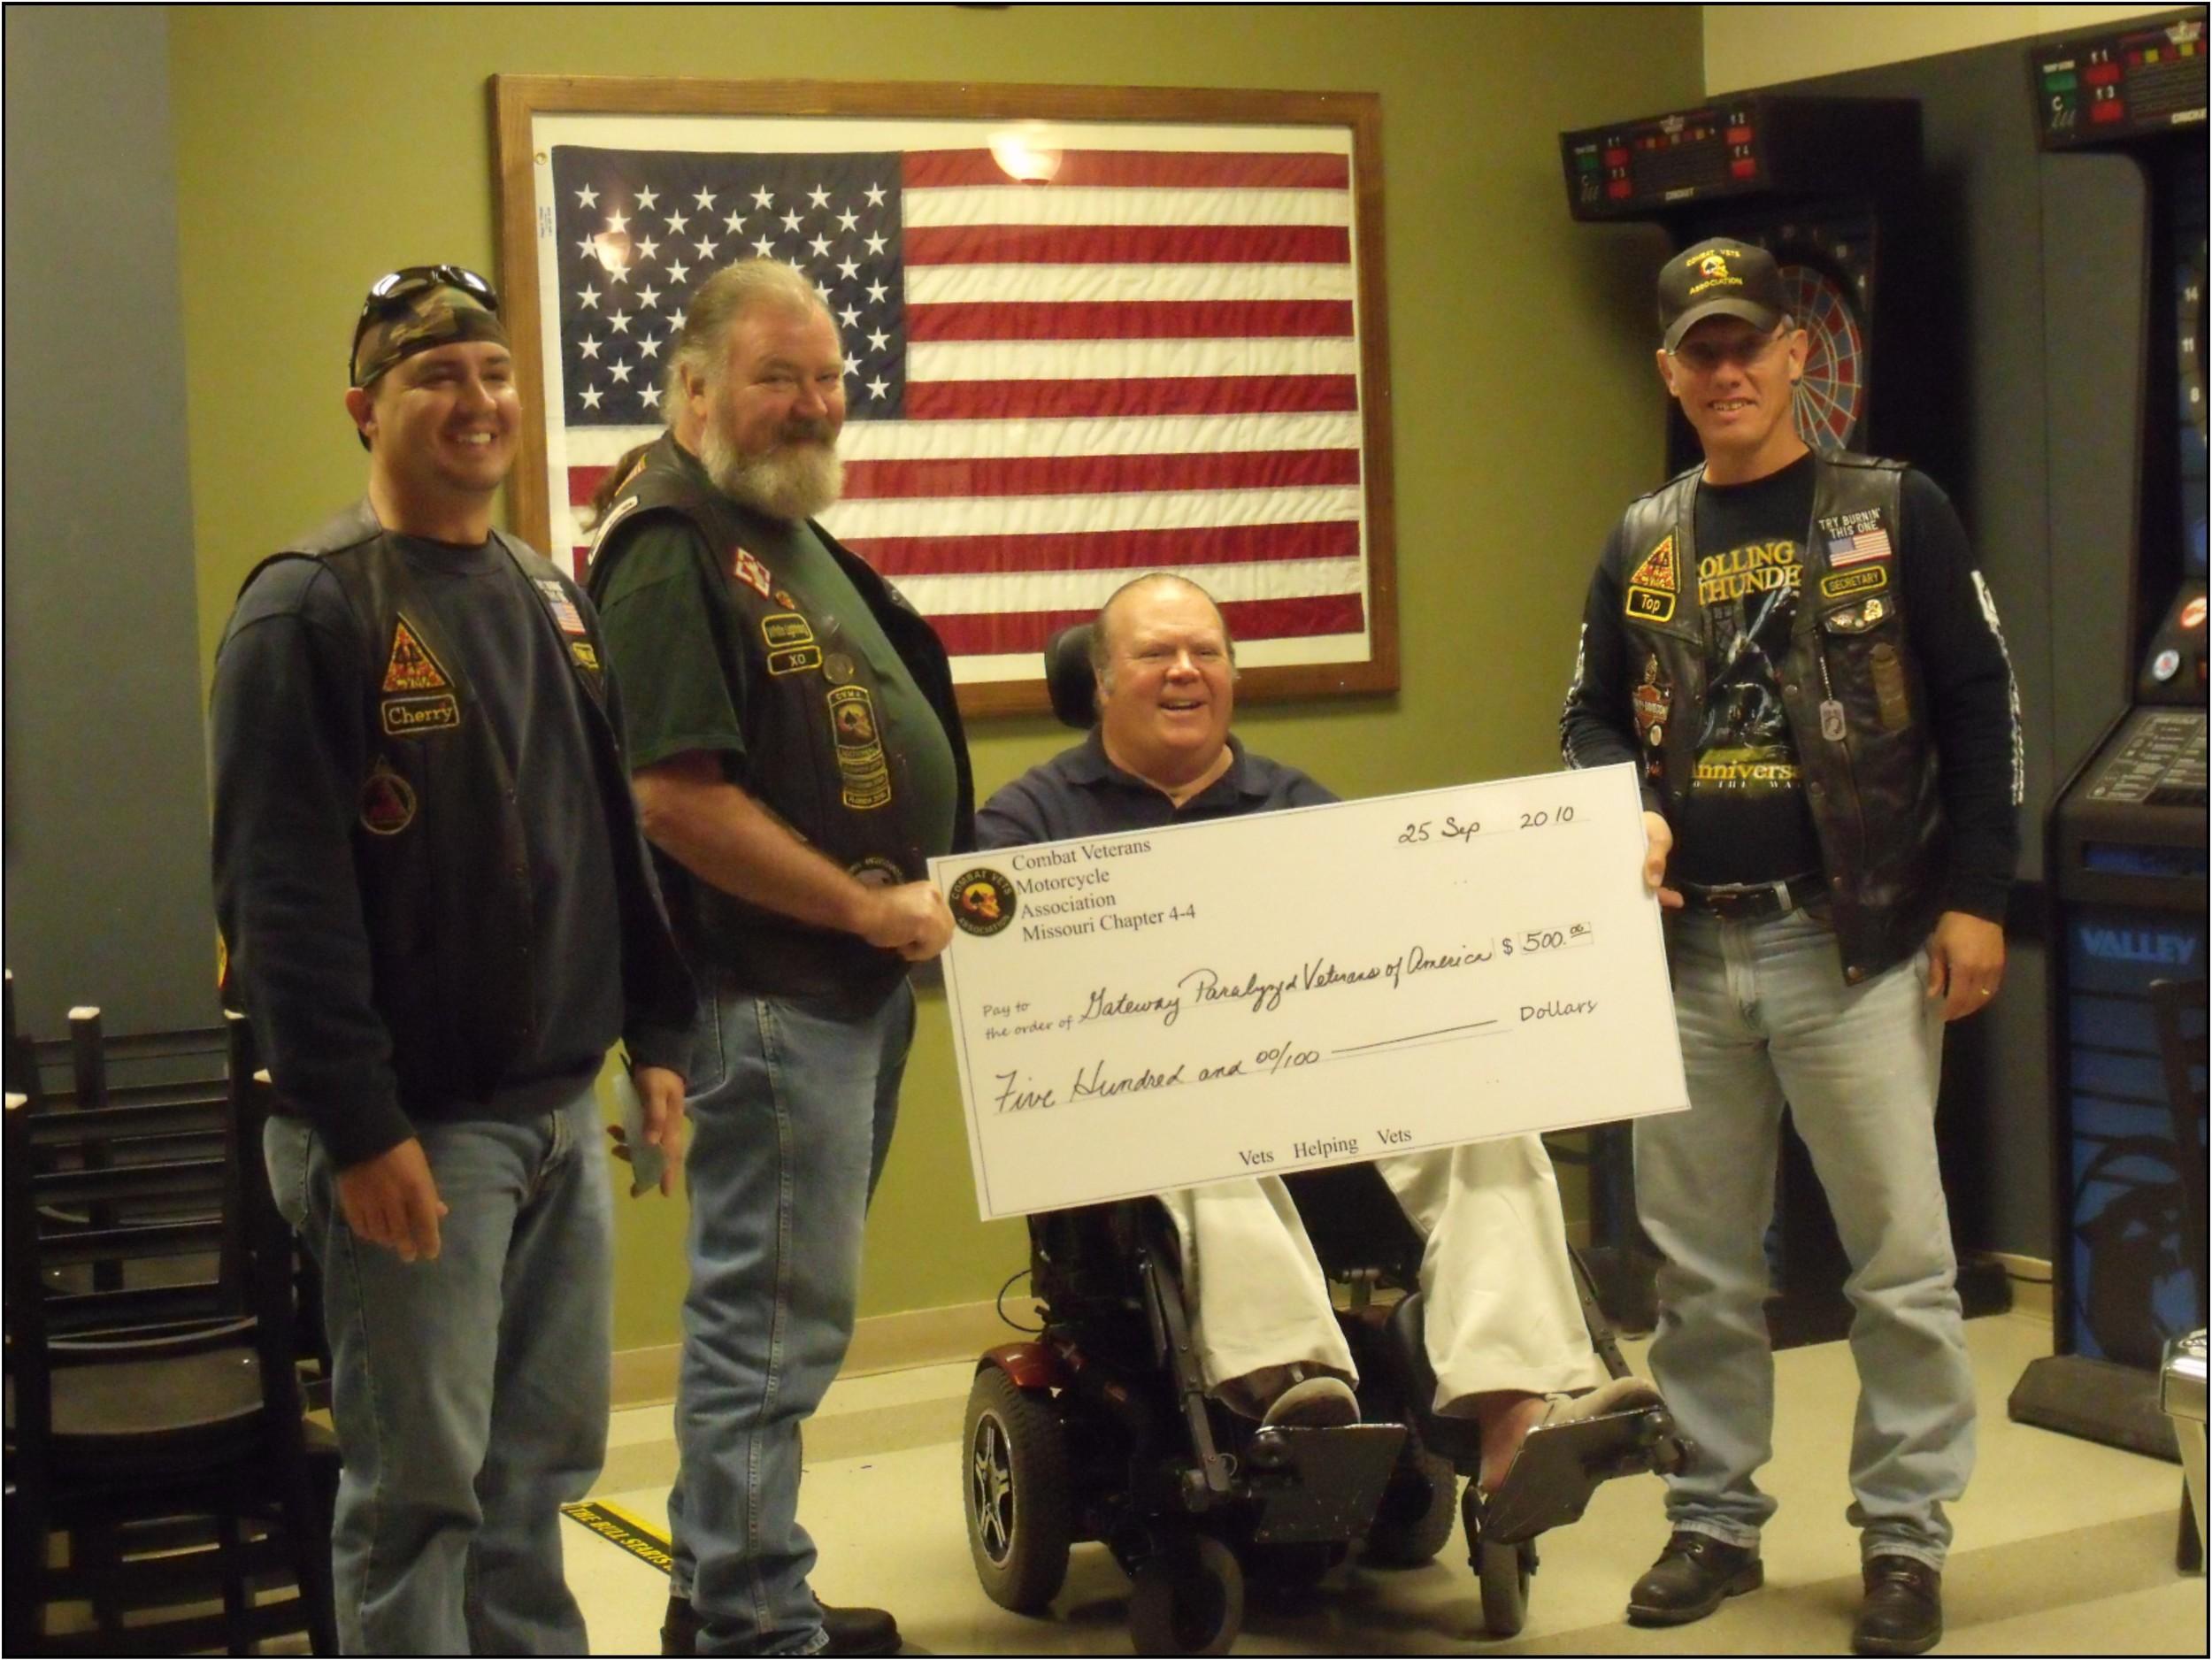 CVMA-Shane, Brian and Stan 2010.JPG